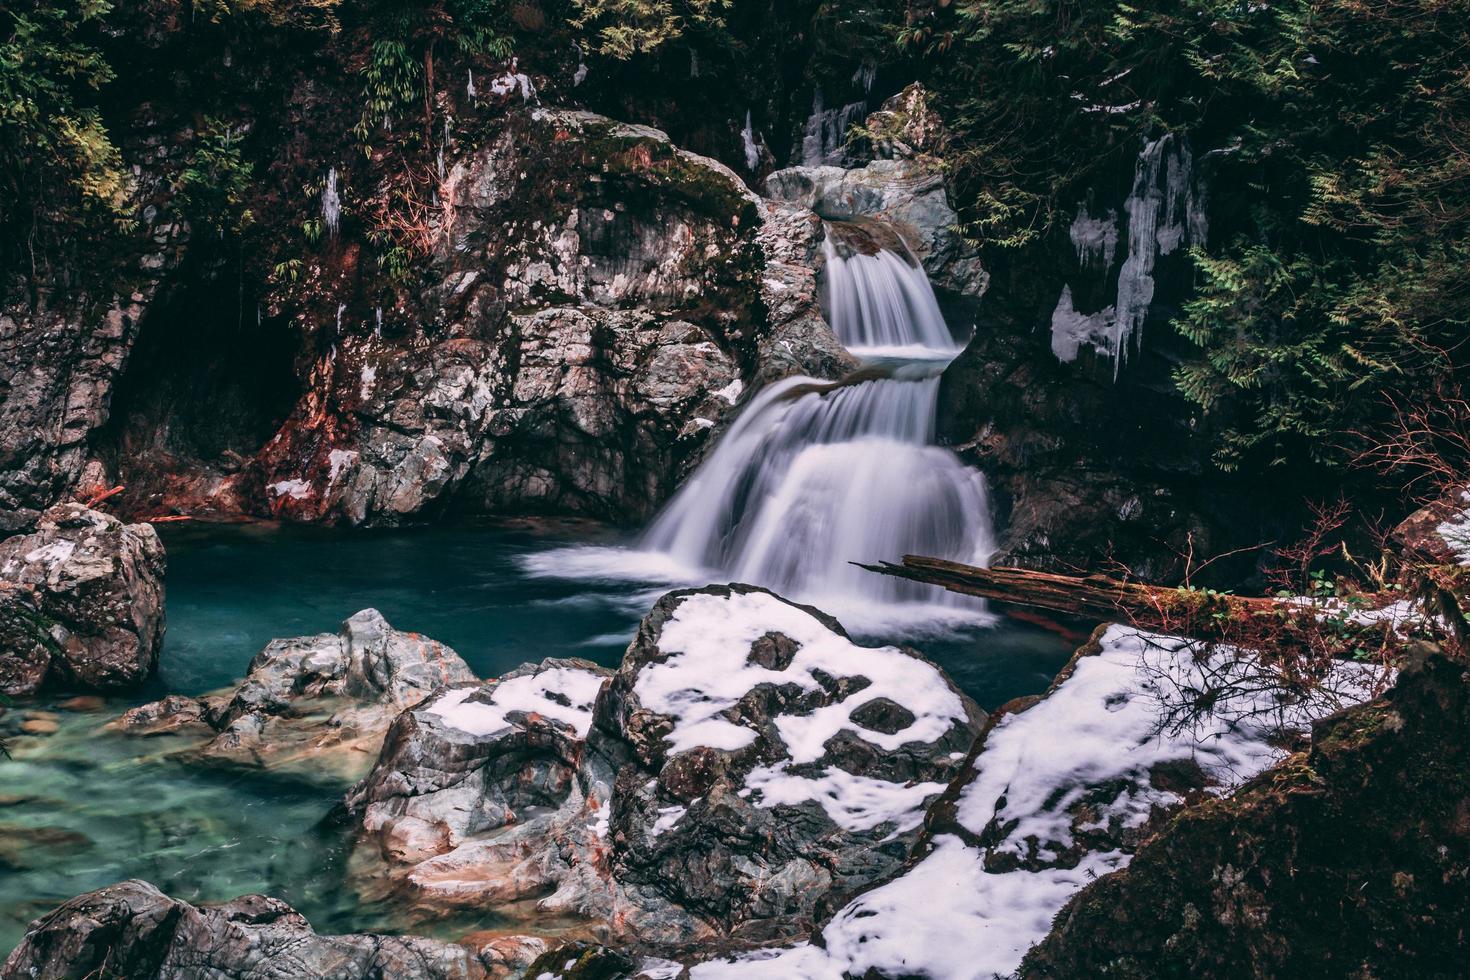 Beautiful waterfall in snowy landscape photo